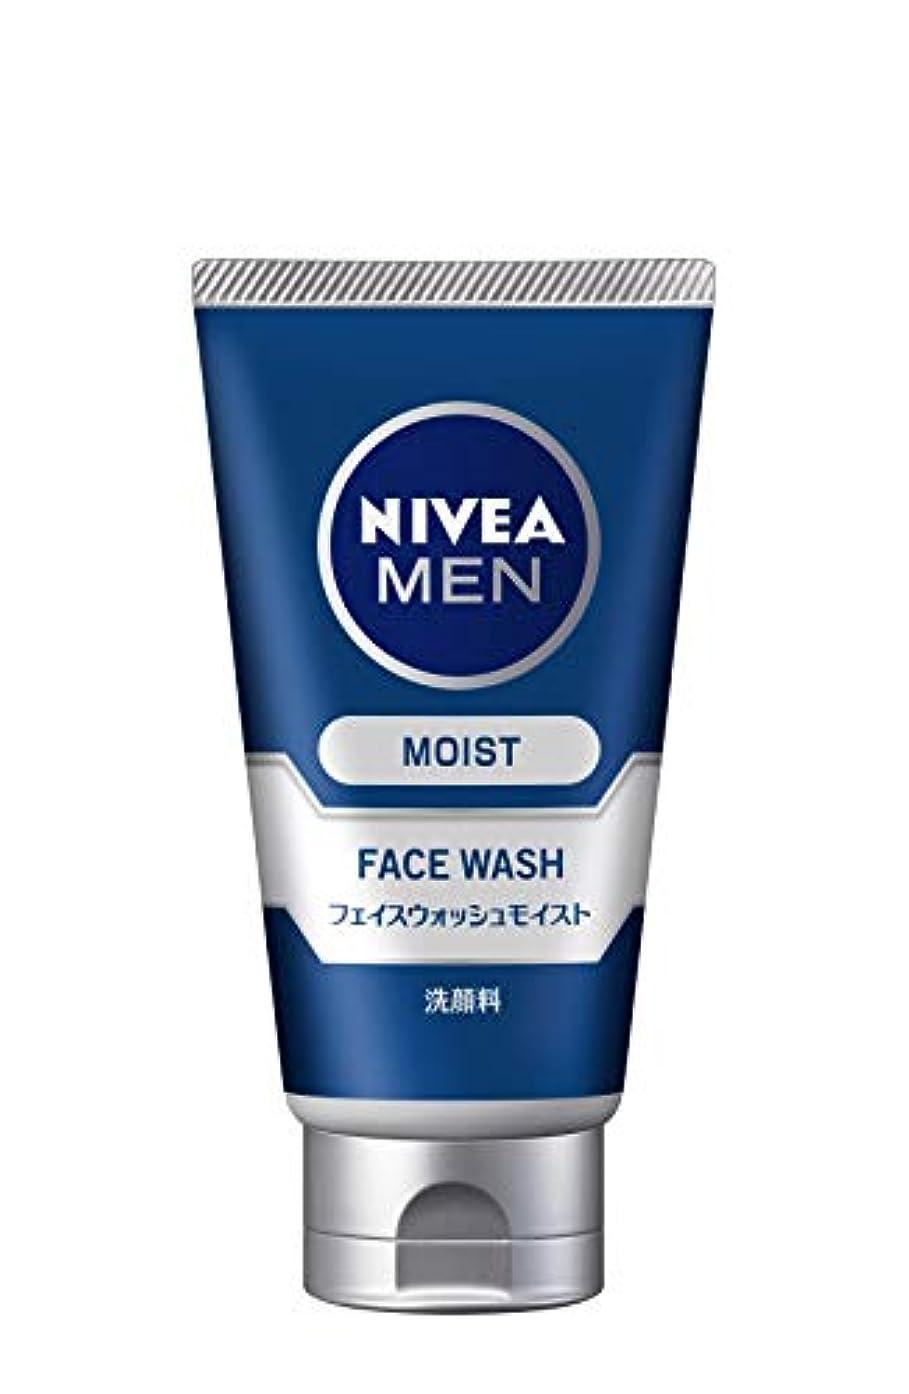 集中効能あるバッジニベアメン フェイスウォッシュモイスト 100g 男性用 洗顔料